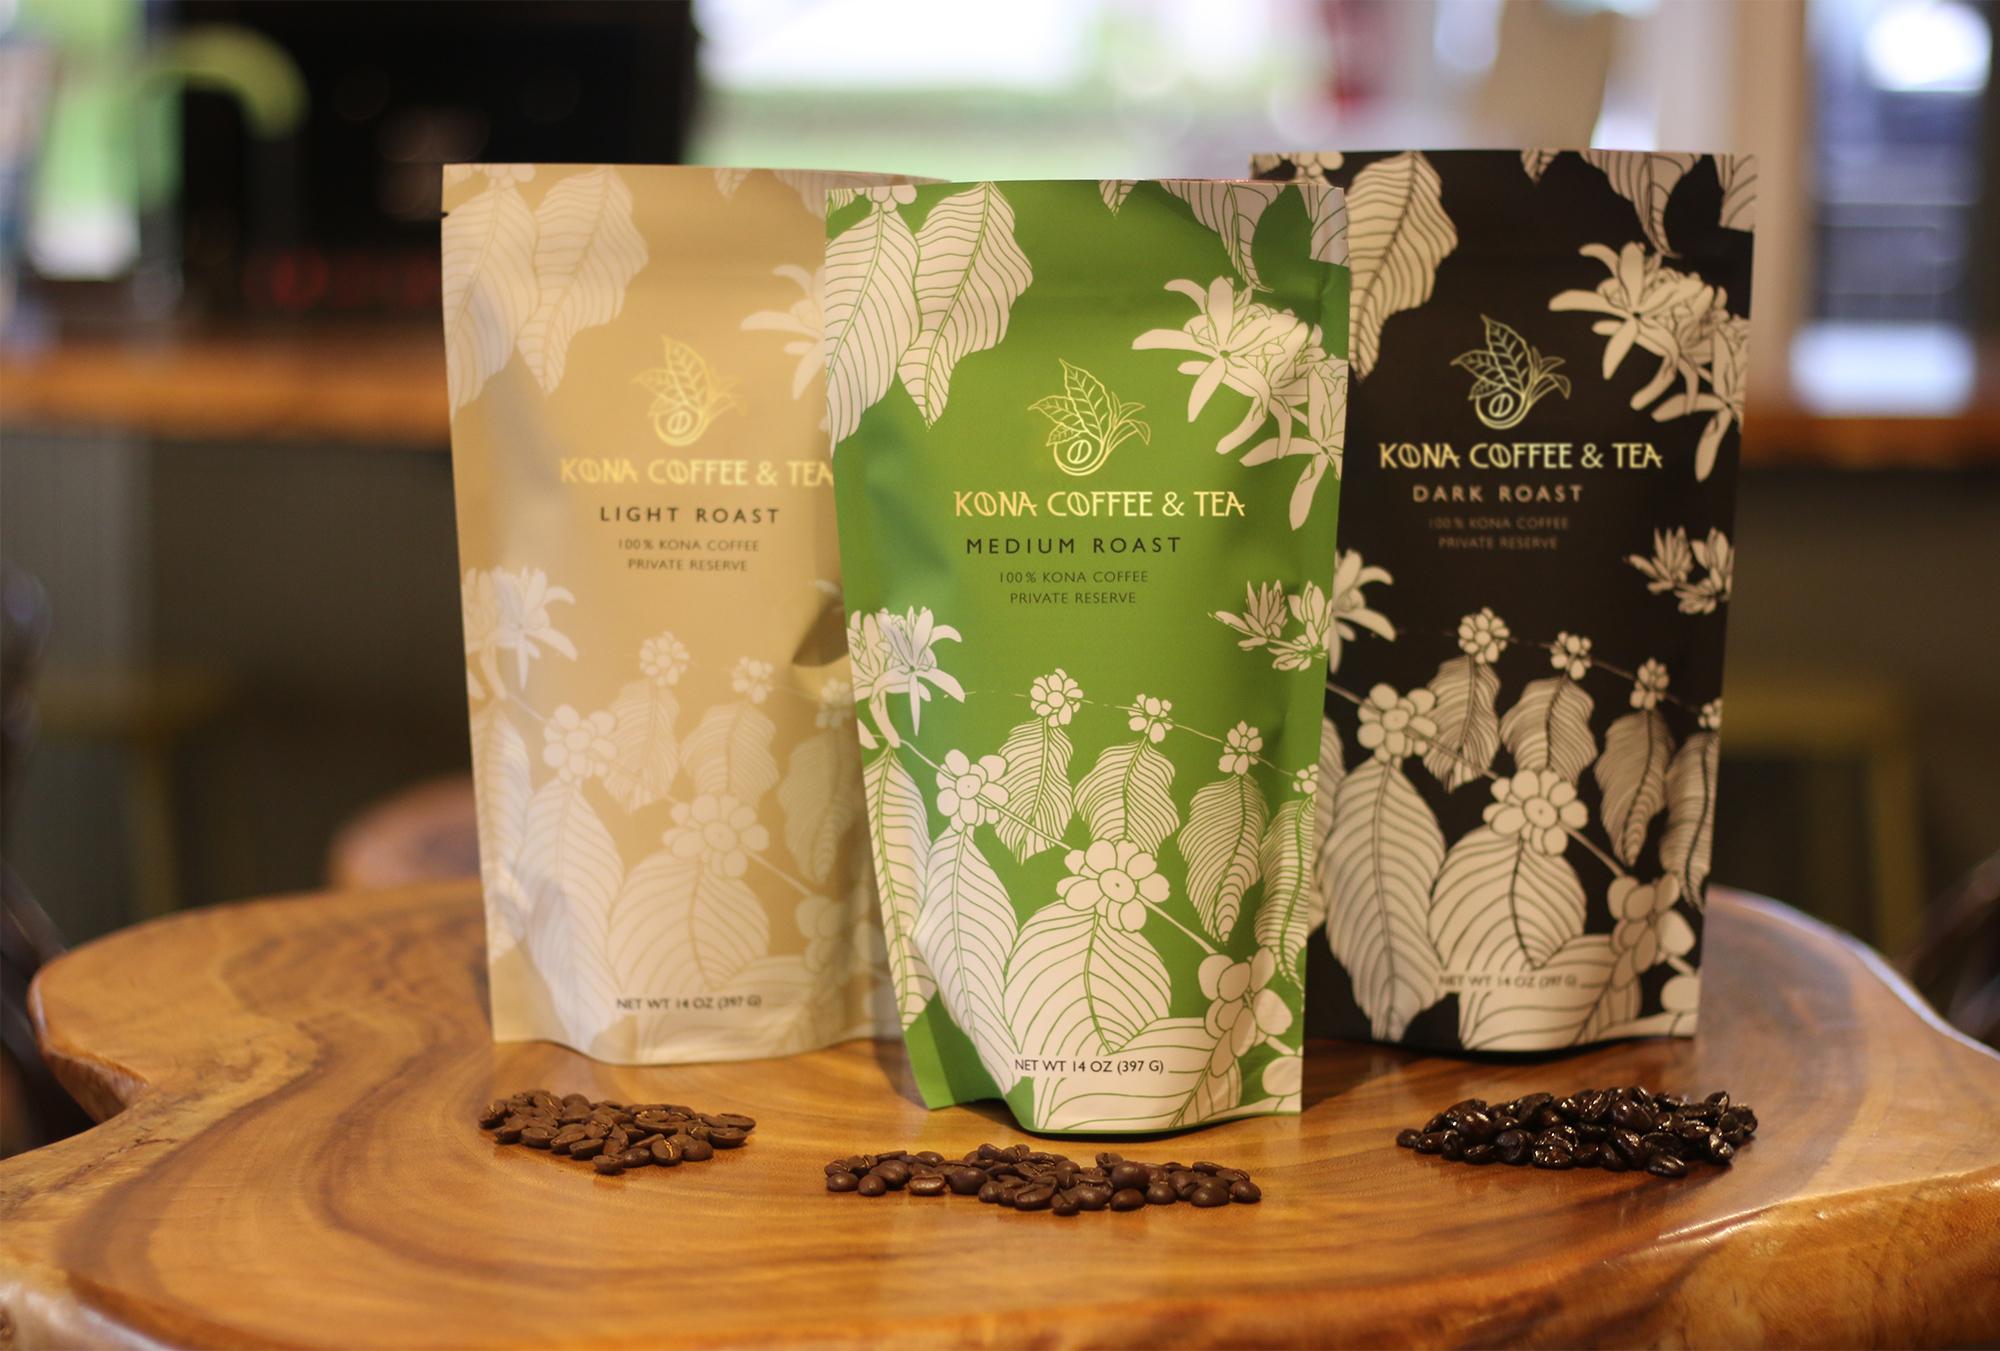 Kona Coffee and Tea New packaging_Chance Punahele Photography_Kona Coffee and Tea Co.jpg